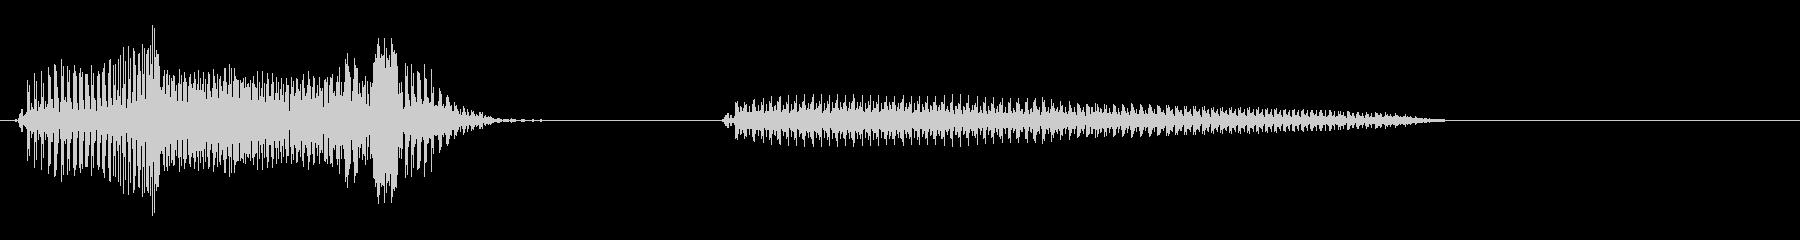 びっくりチキン小 速いの未再生の波形